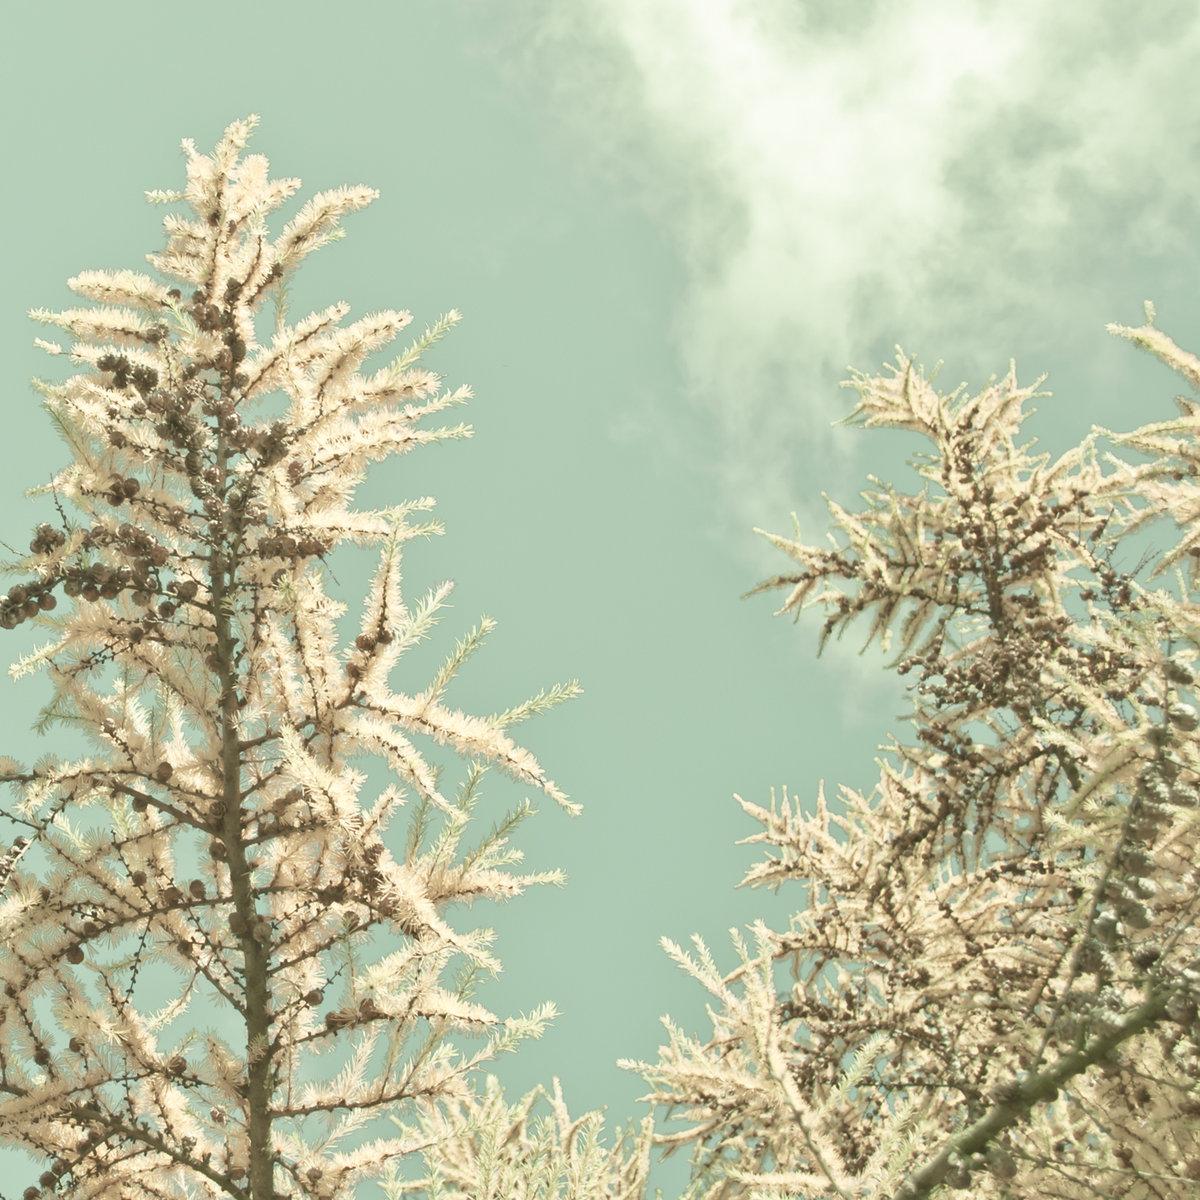 """暖かな季節(Warm Season)(2014) w/ Michiru Aoyama featured on tracks """"うつろい (Utsuroi)"""", """"わびさび (Wabi Sabi)"""" and """"好きは透明 (Clear and Restful)""""  organic industries #OI013 (Berlin)"""